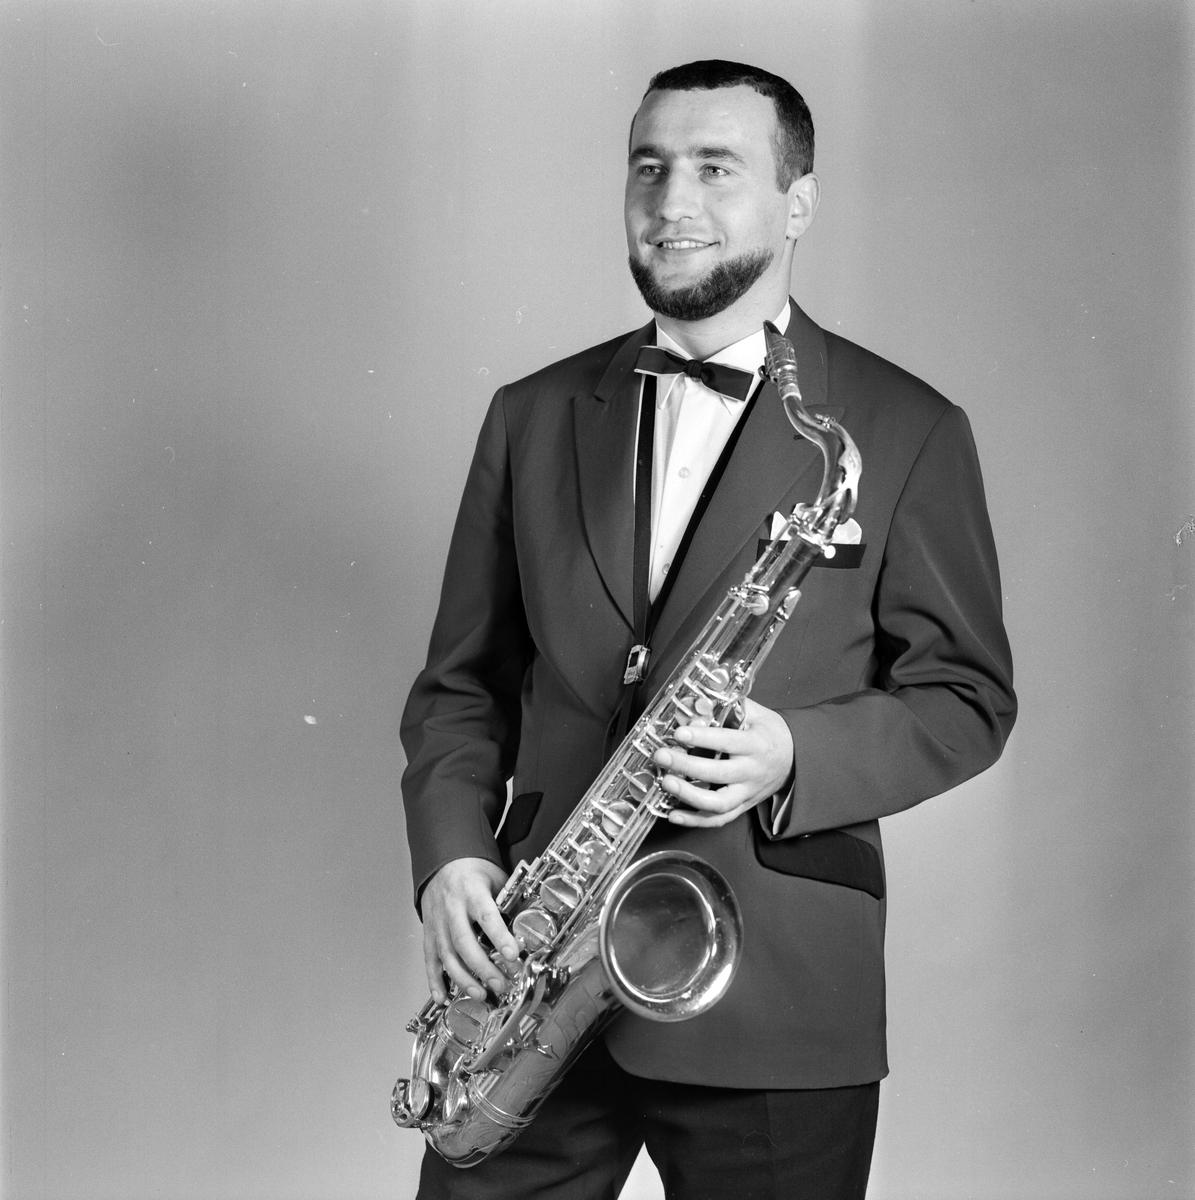 Medlem i den polska poporkestern Kuzniarz, Restaurant Skarholmen, Graneberg, Uppsala augusti 1967